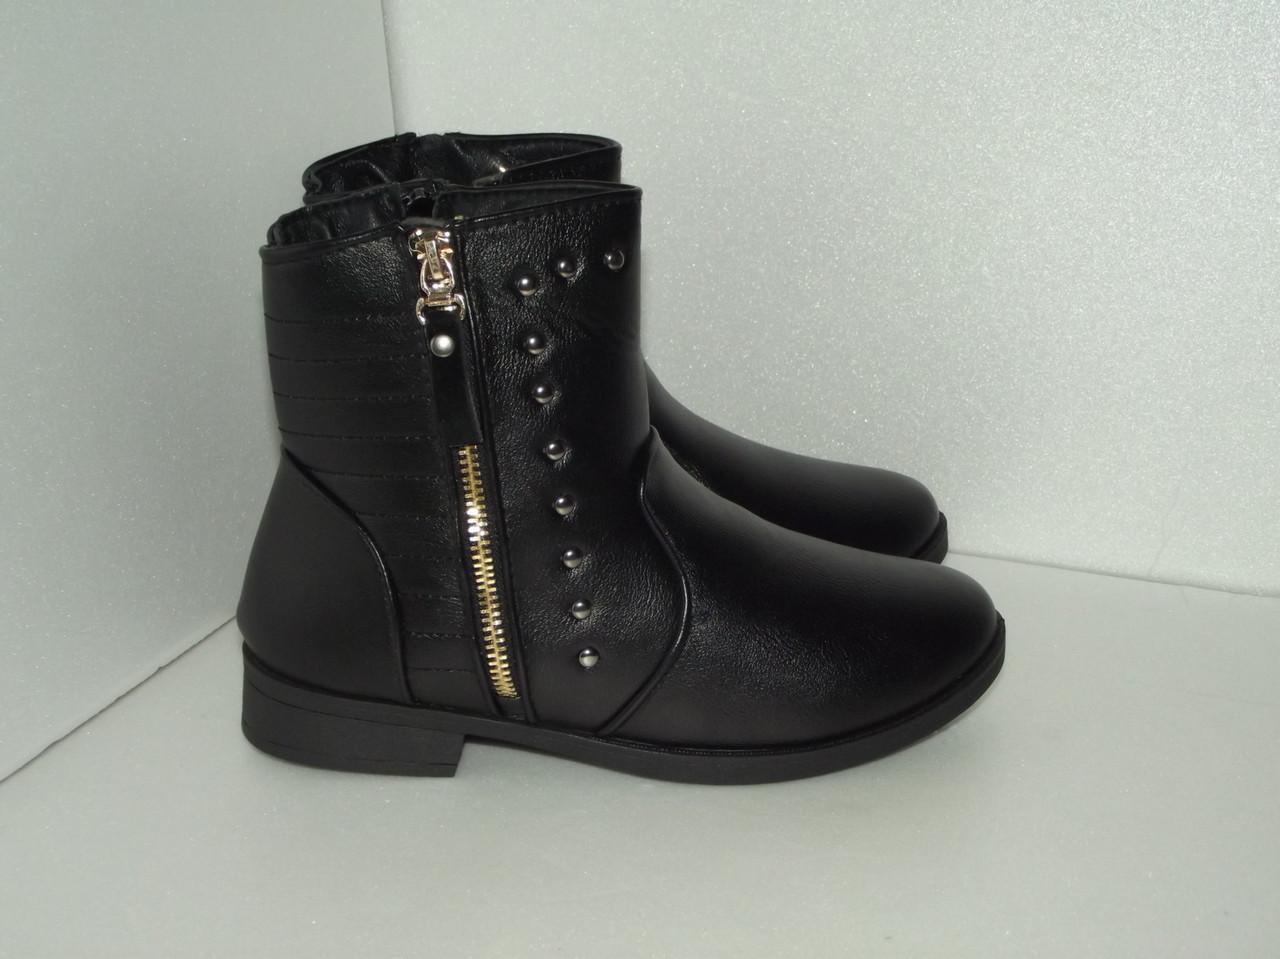 Зимние женские ботинки, р. 39(24.5см). Уценка